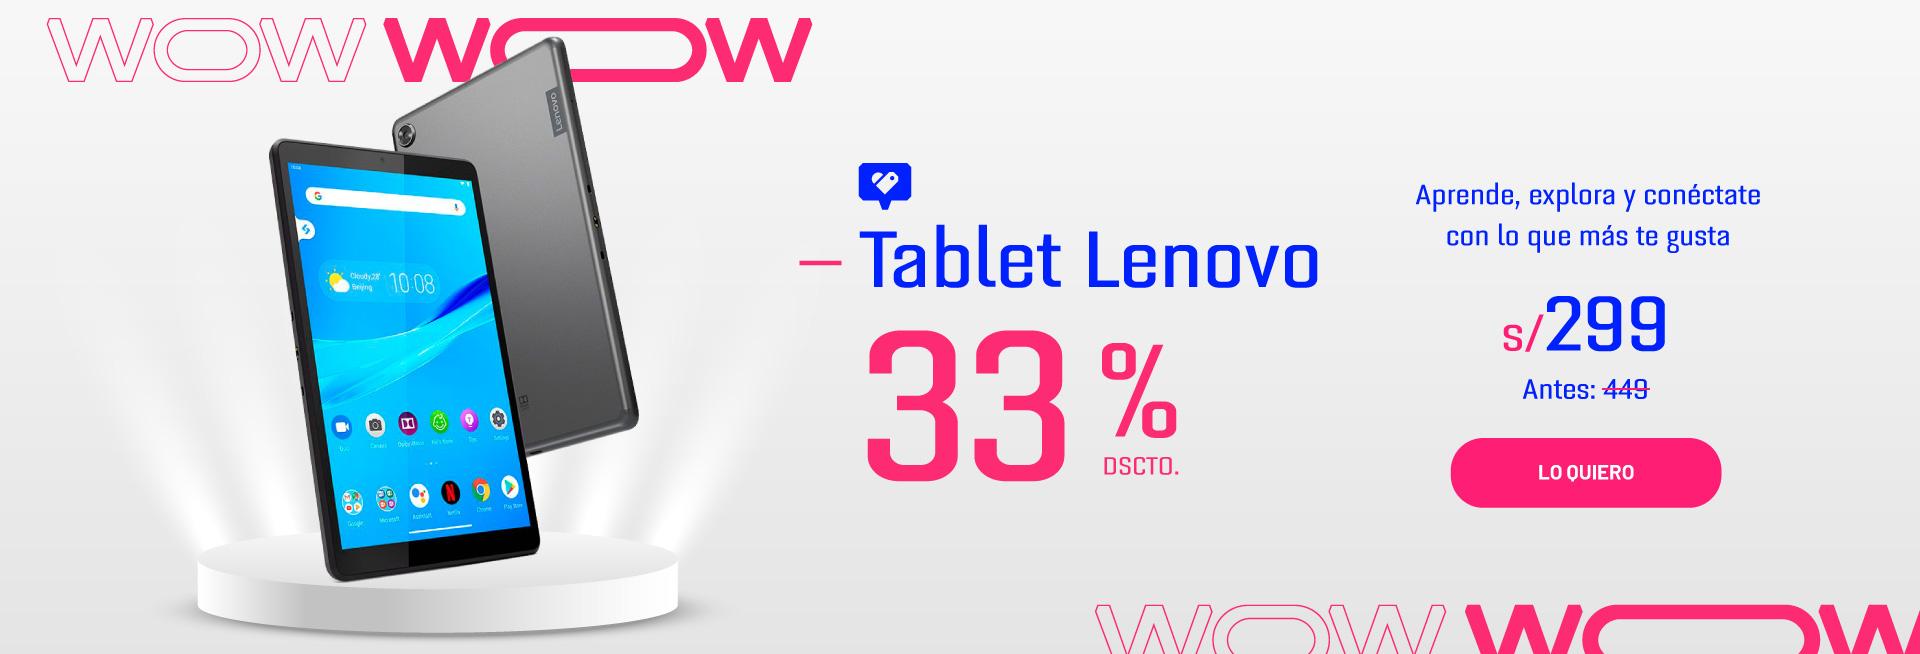 Tablets en descuento, tablet en oferta tablet lenovo descuento